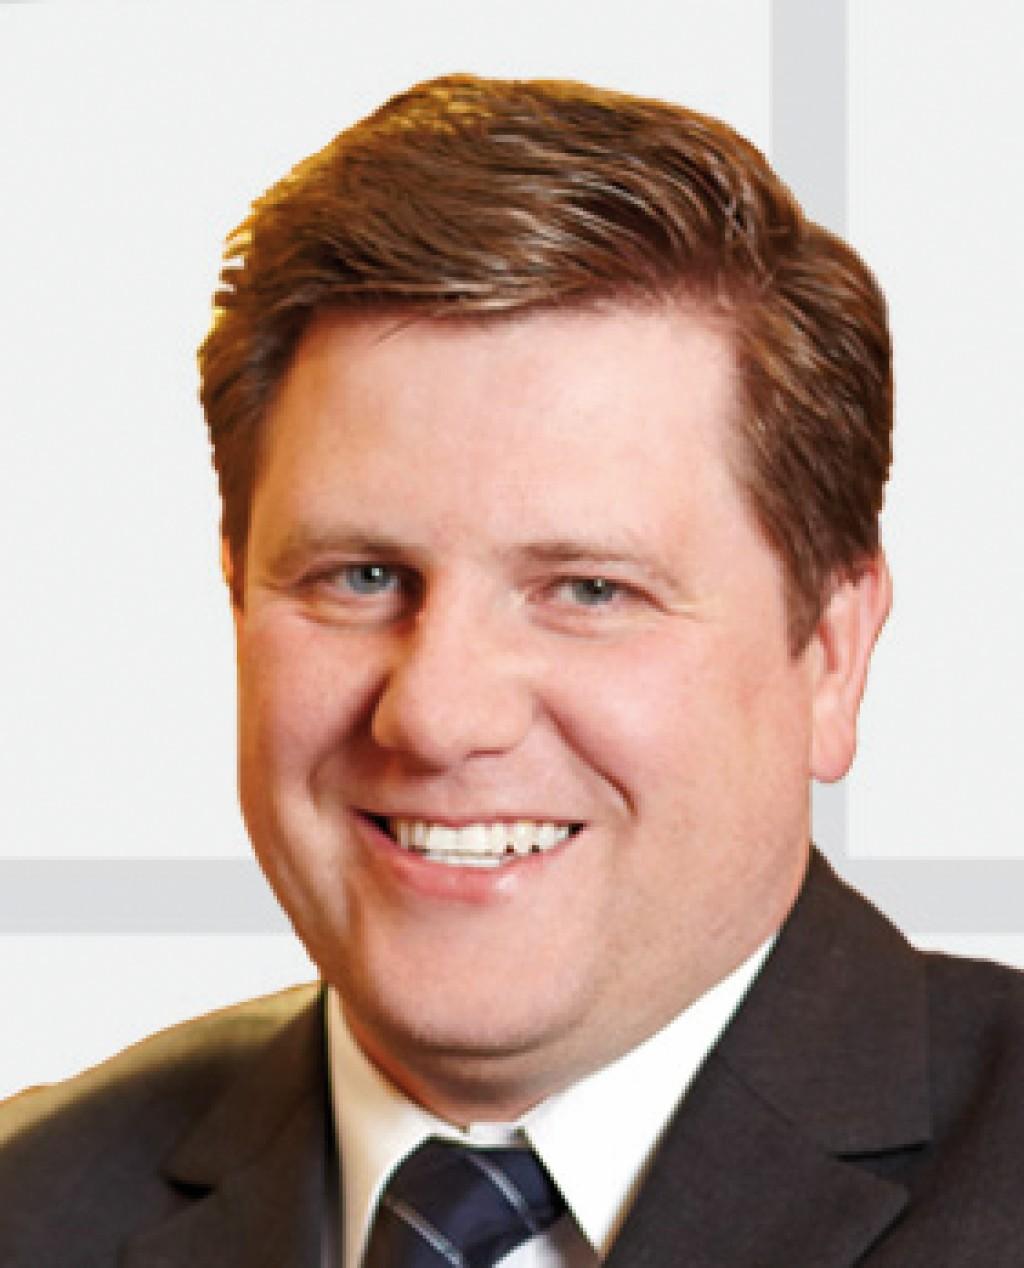 """Jochen Klipfel, Geschäftsführer, ITVT, Leonberg: """"IT-Systeme müssen die Dynamik im Energiemarkt mit Funktionalität und Schnittstellen-Readiness unterstützen."""" Bild: ITVT"""